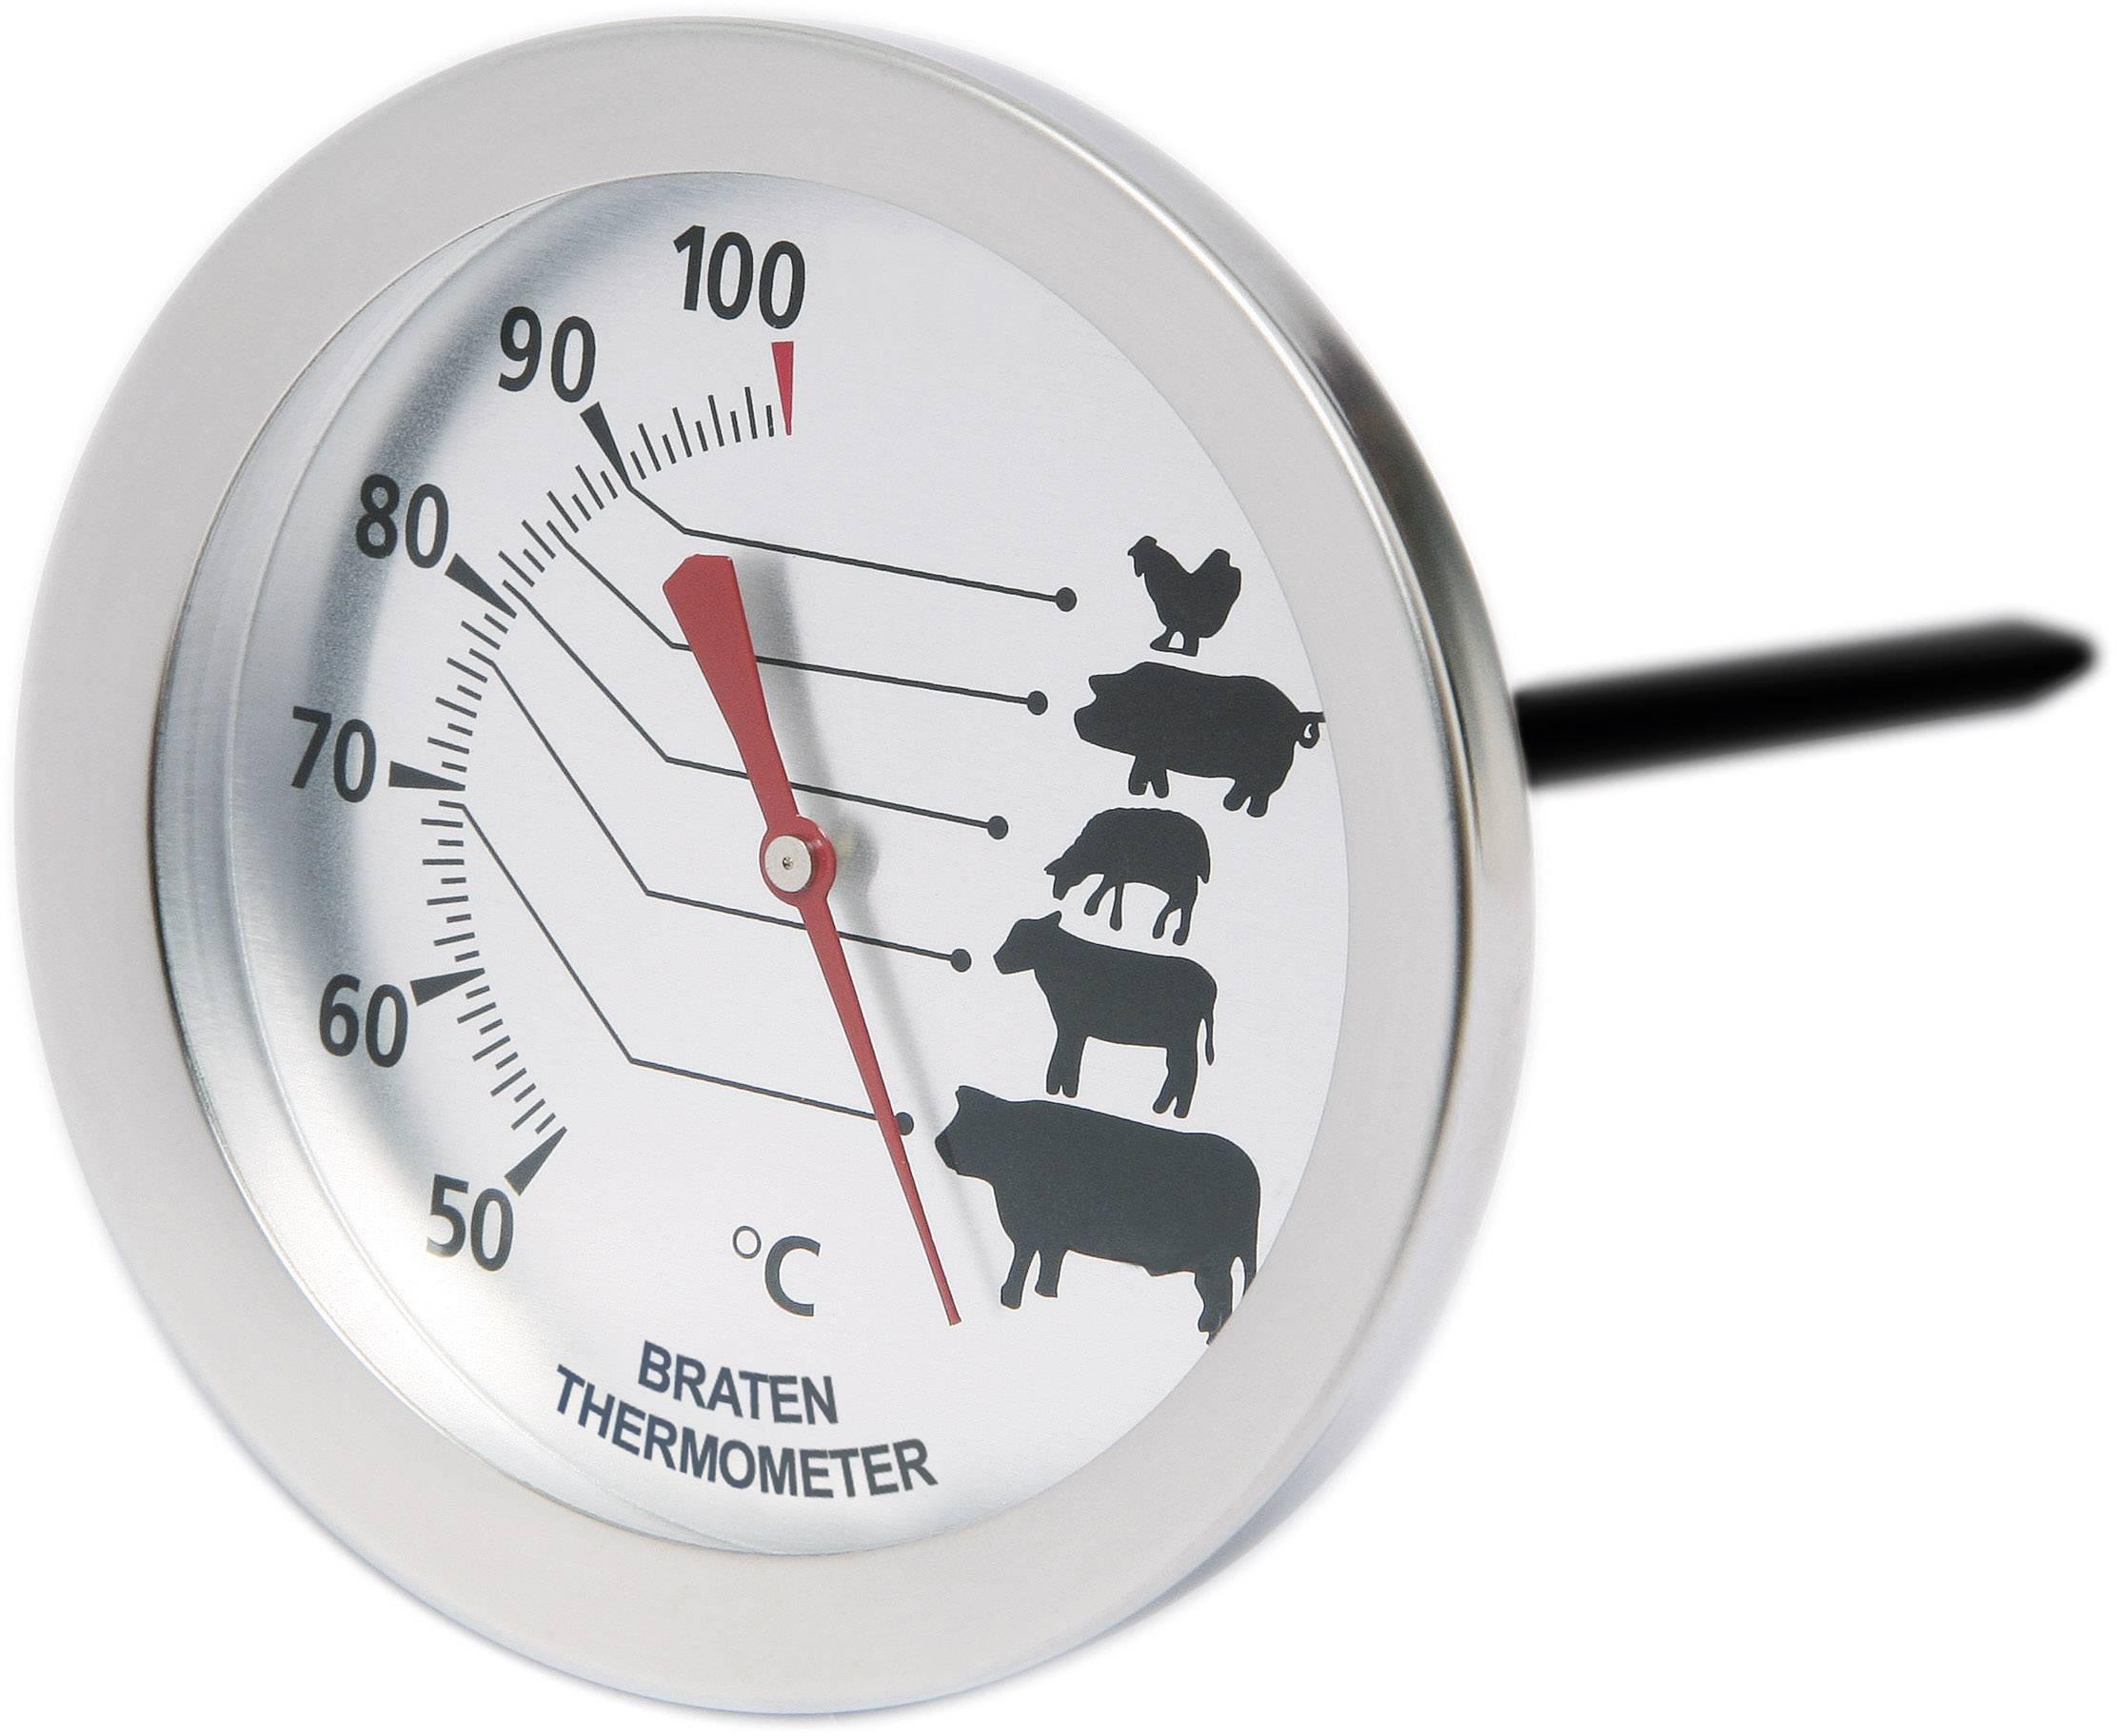 Analógový teplomer na meranie teploty mäsa pri pečení, Sunartis T 720C